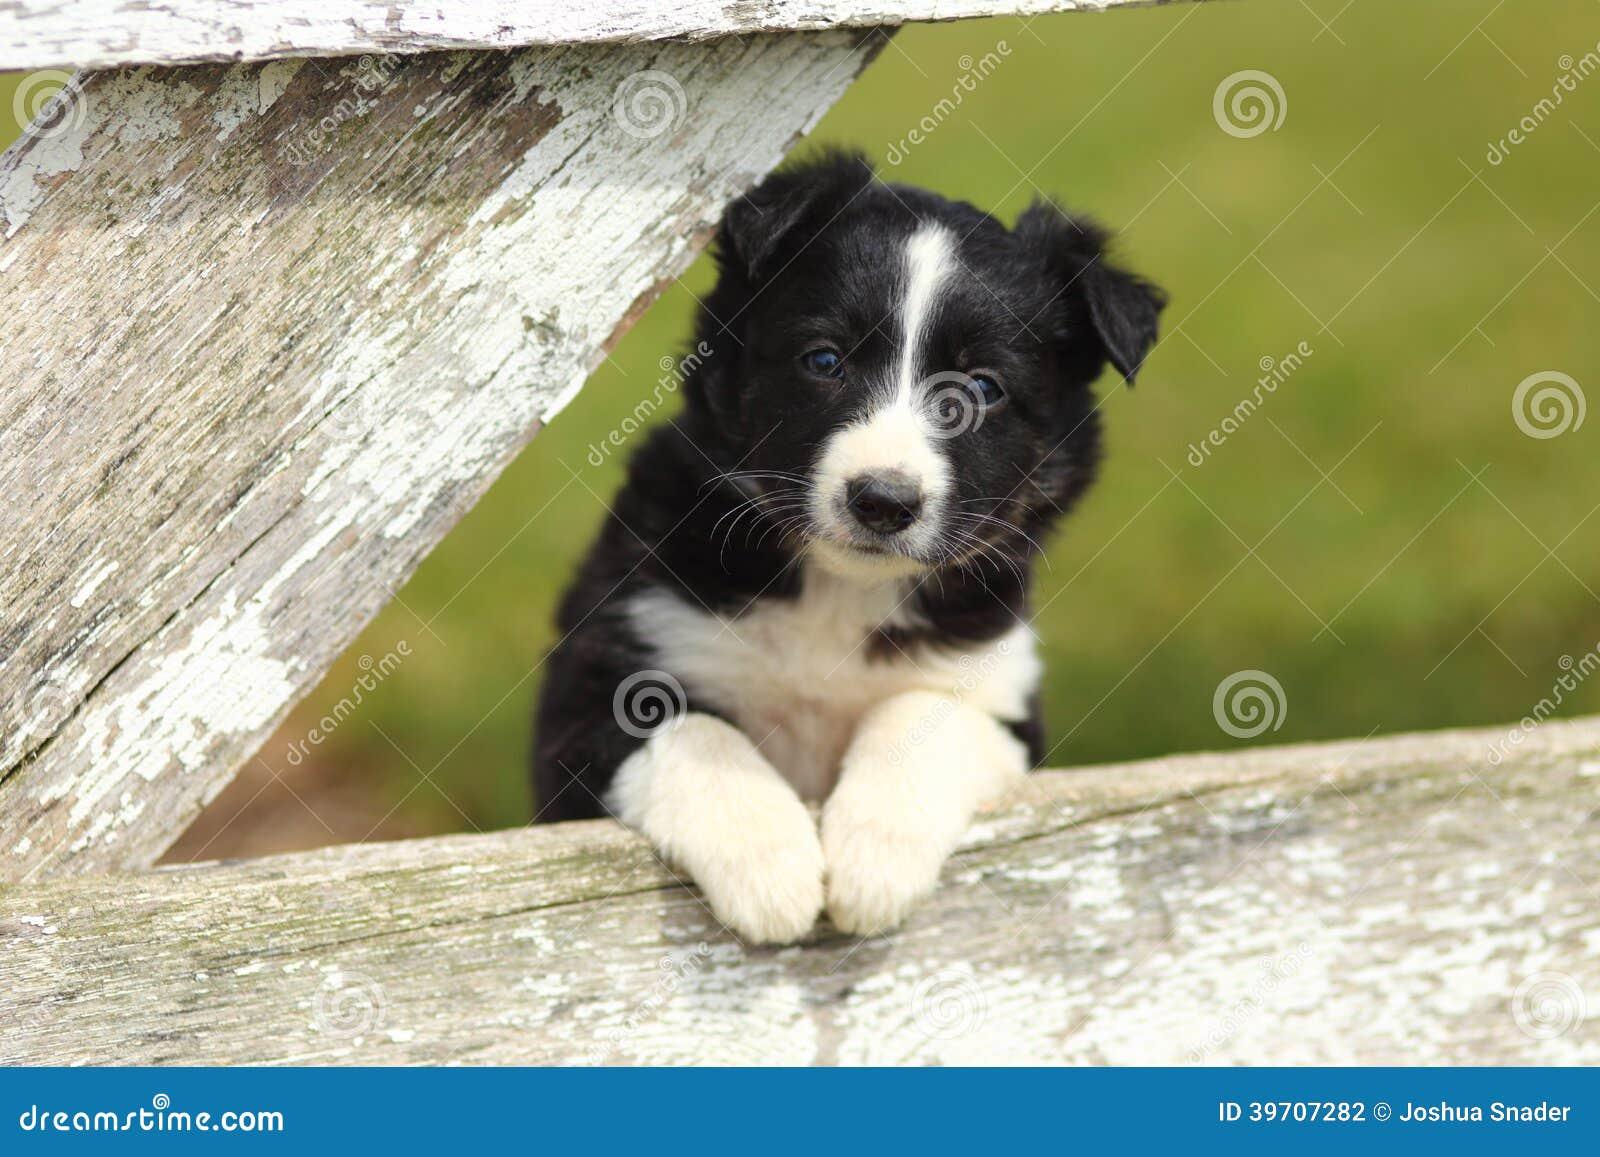 confine collie puppy resting paws sul recinto di legno bianco rustico fotografia stock. Black Bedroom Furniture Sets. Home Design Ideas